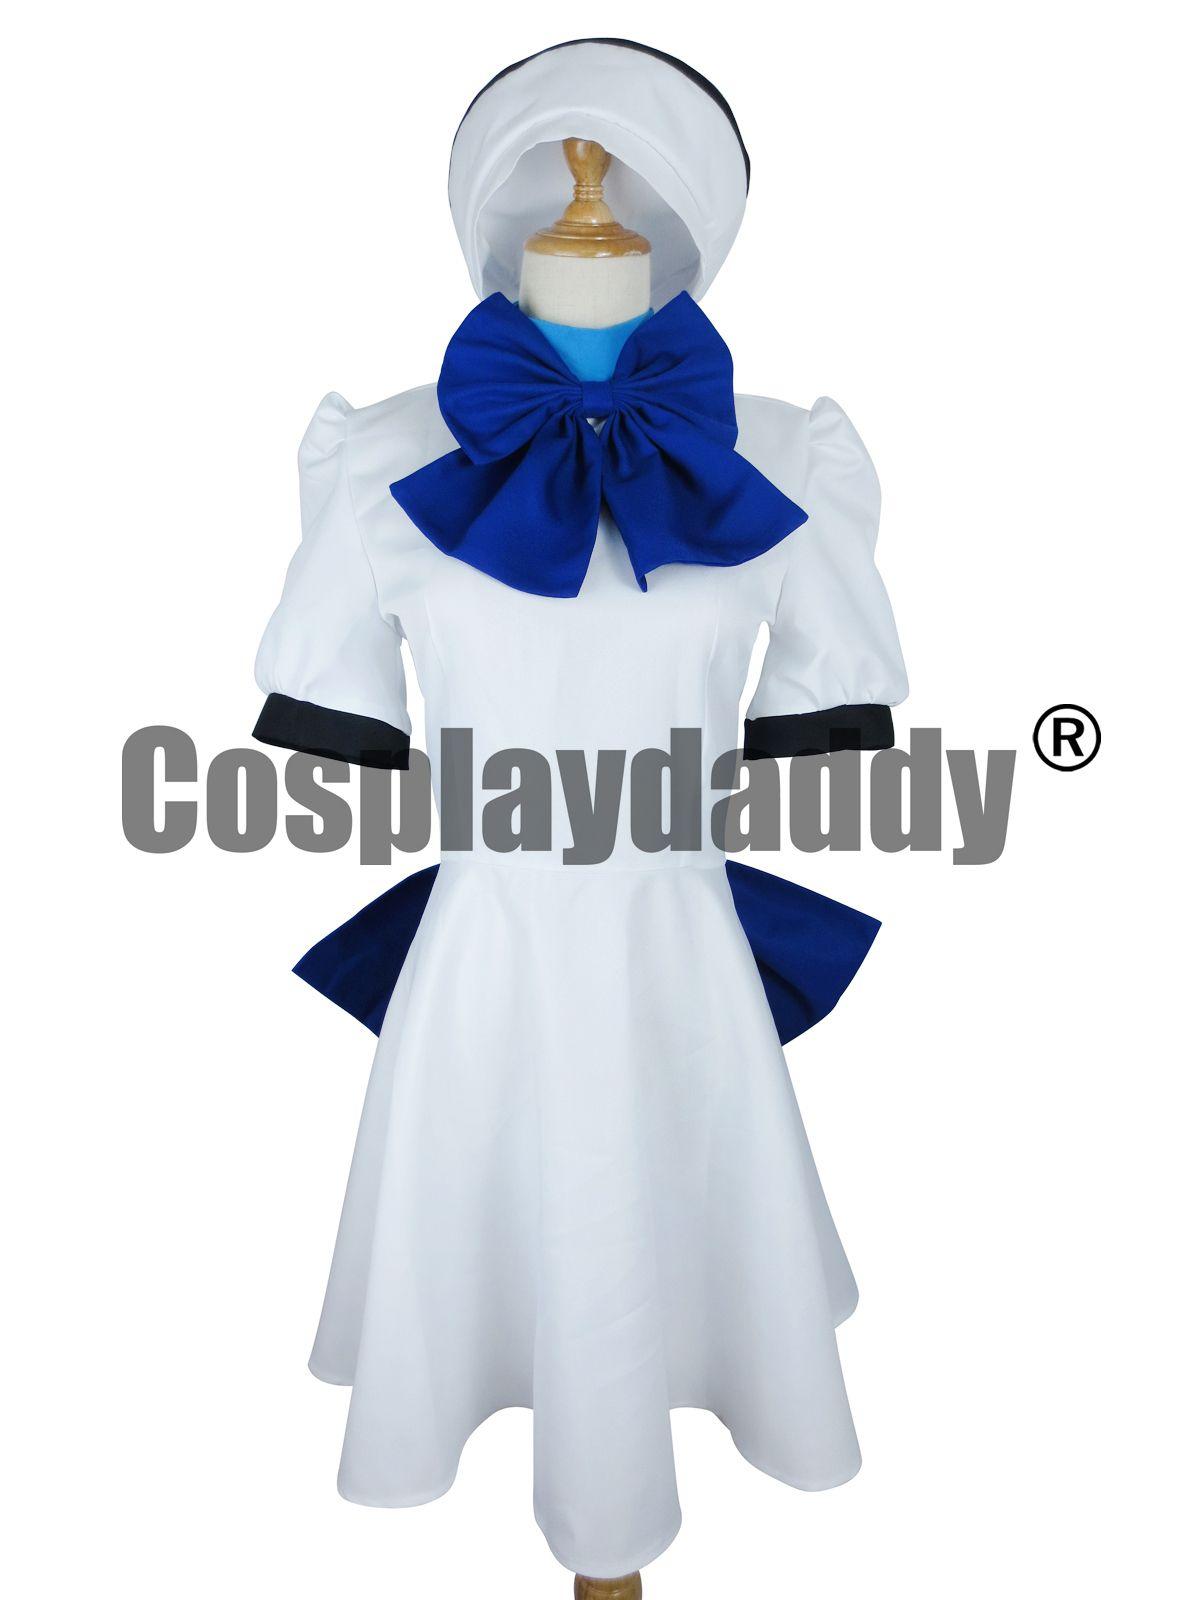 Higurashi нет Наку Коро ни косплей Рена Рюгу платье H008